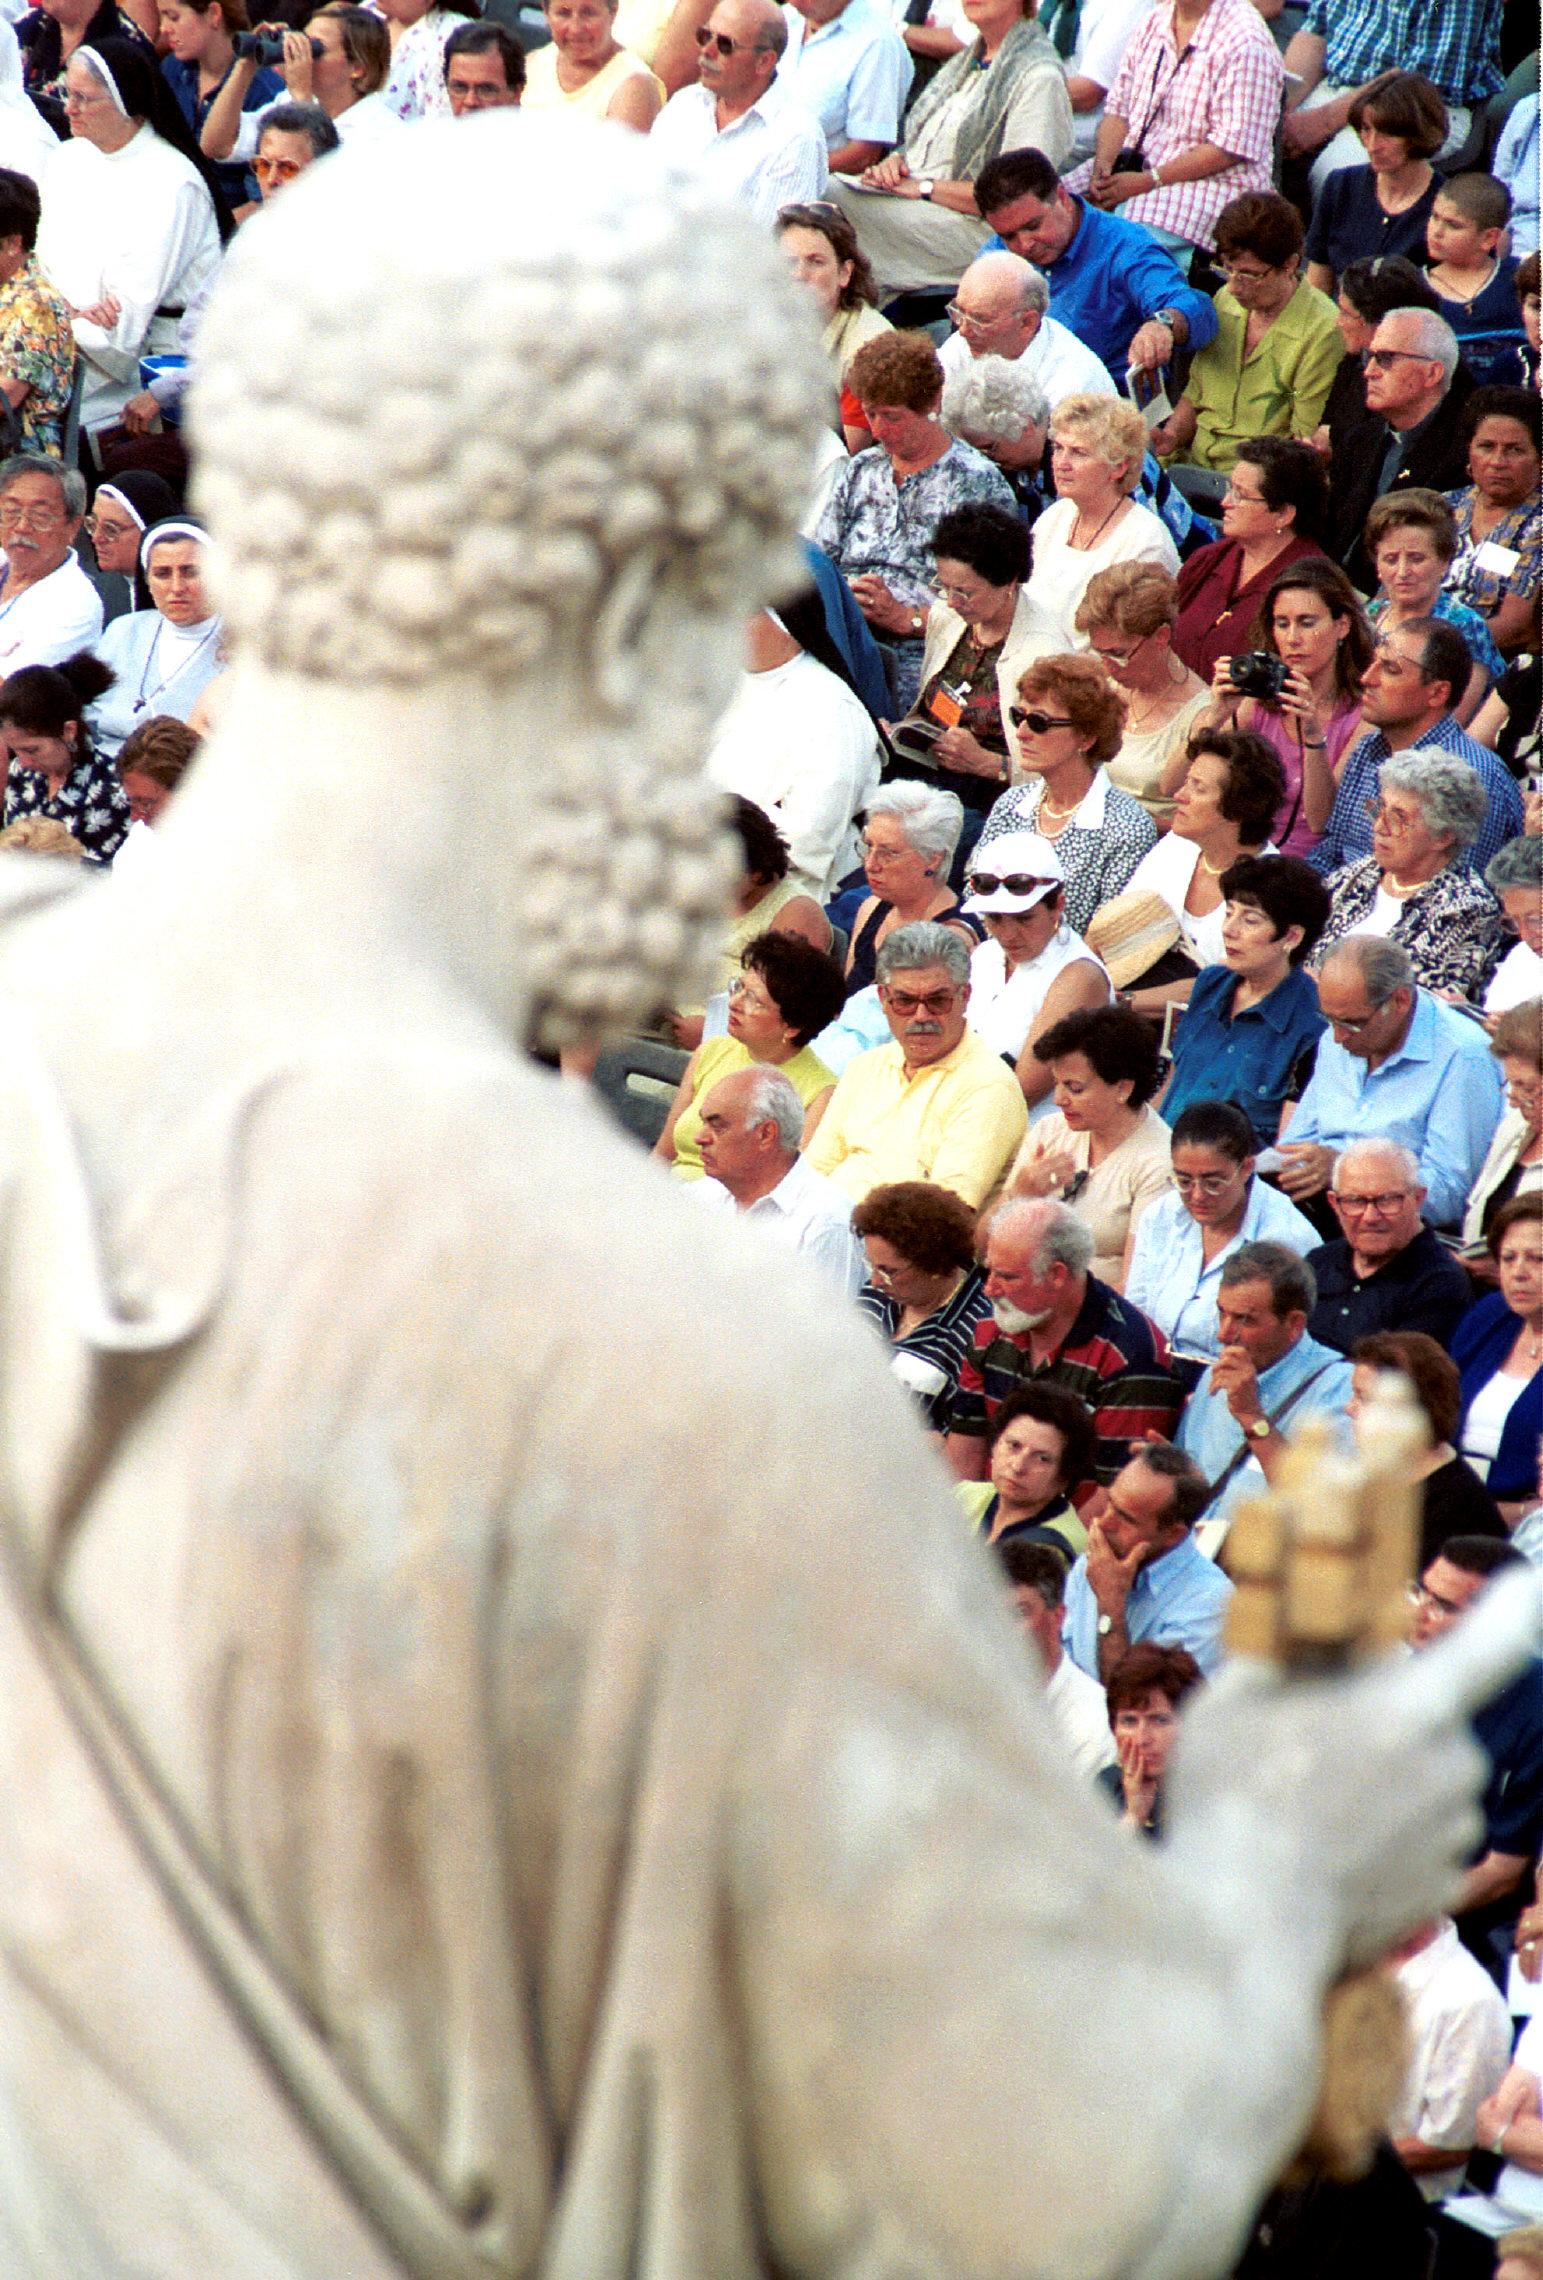 ROME : REMISE DU PALLIUM AUX ARCHEVEQUES NOMMES AU COURS DE L'ANNEE, A L'OCCASION DE LA FETE DES SAINTS PIERRE ET PAUL - PRESENCE DES ORTHODOXES, DELEGATION OECUMENIQUE DU PATRIARCAT DE CONSTANTINOPLE .